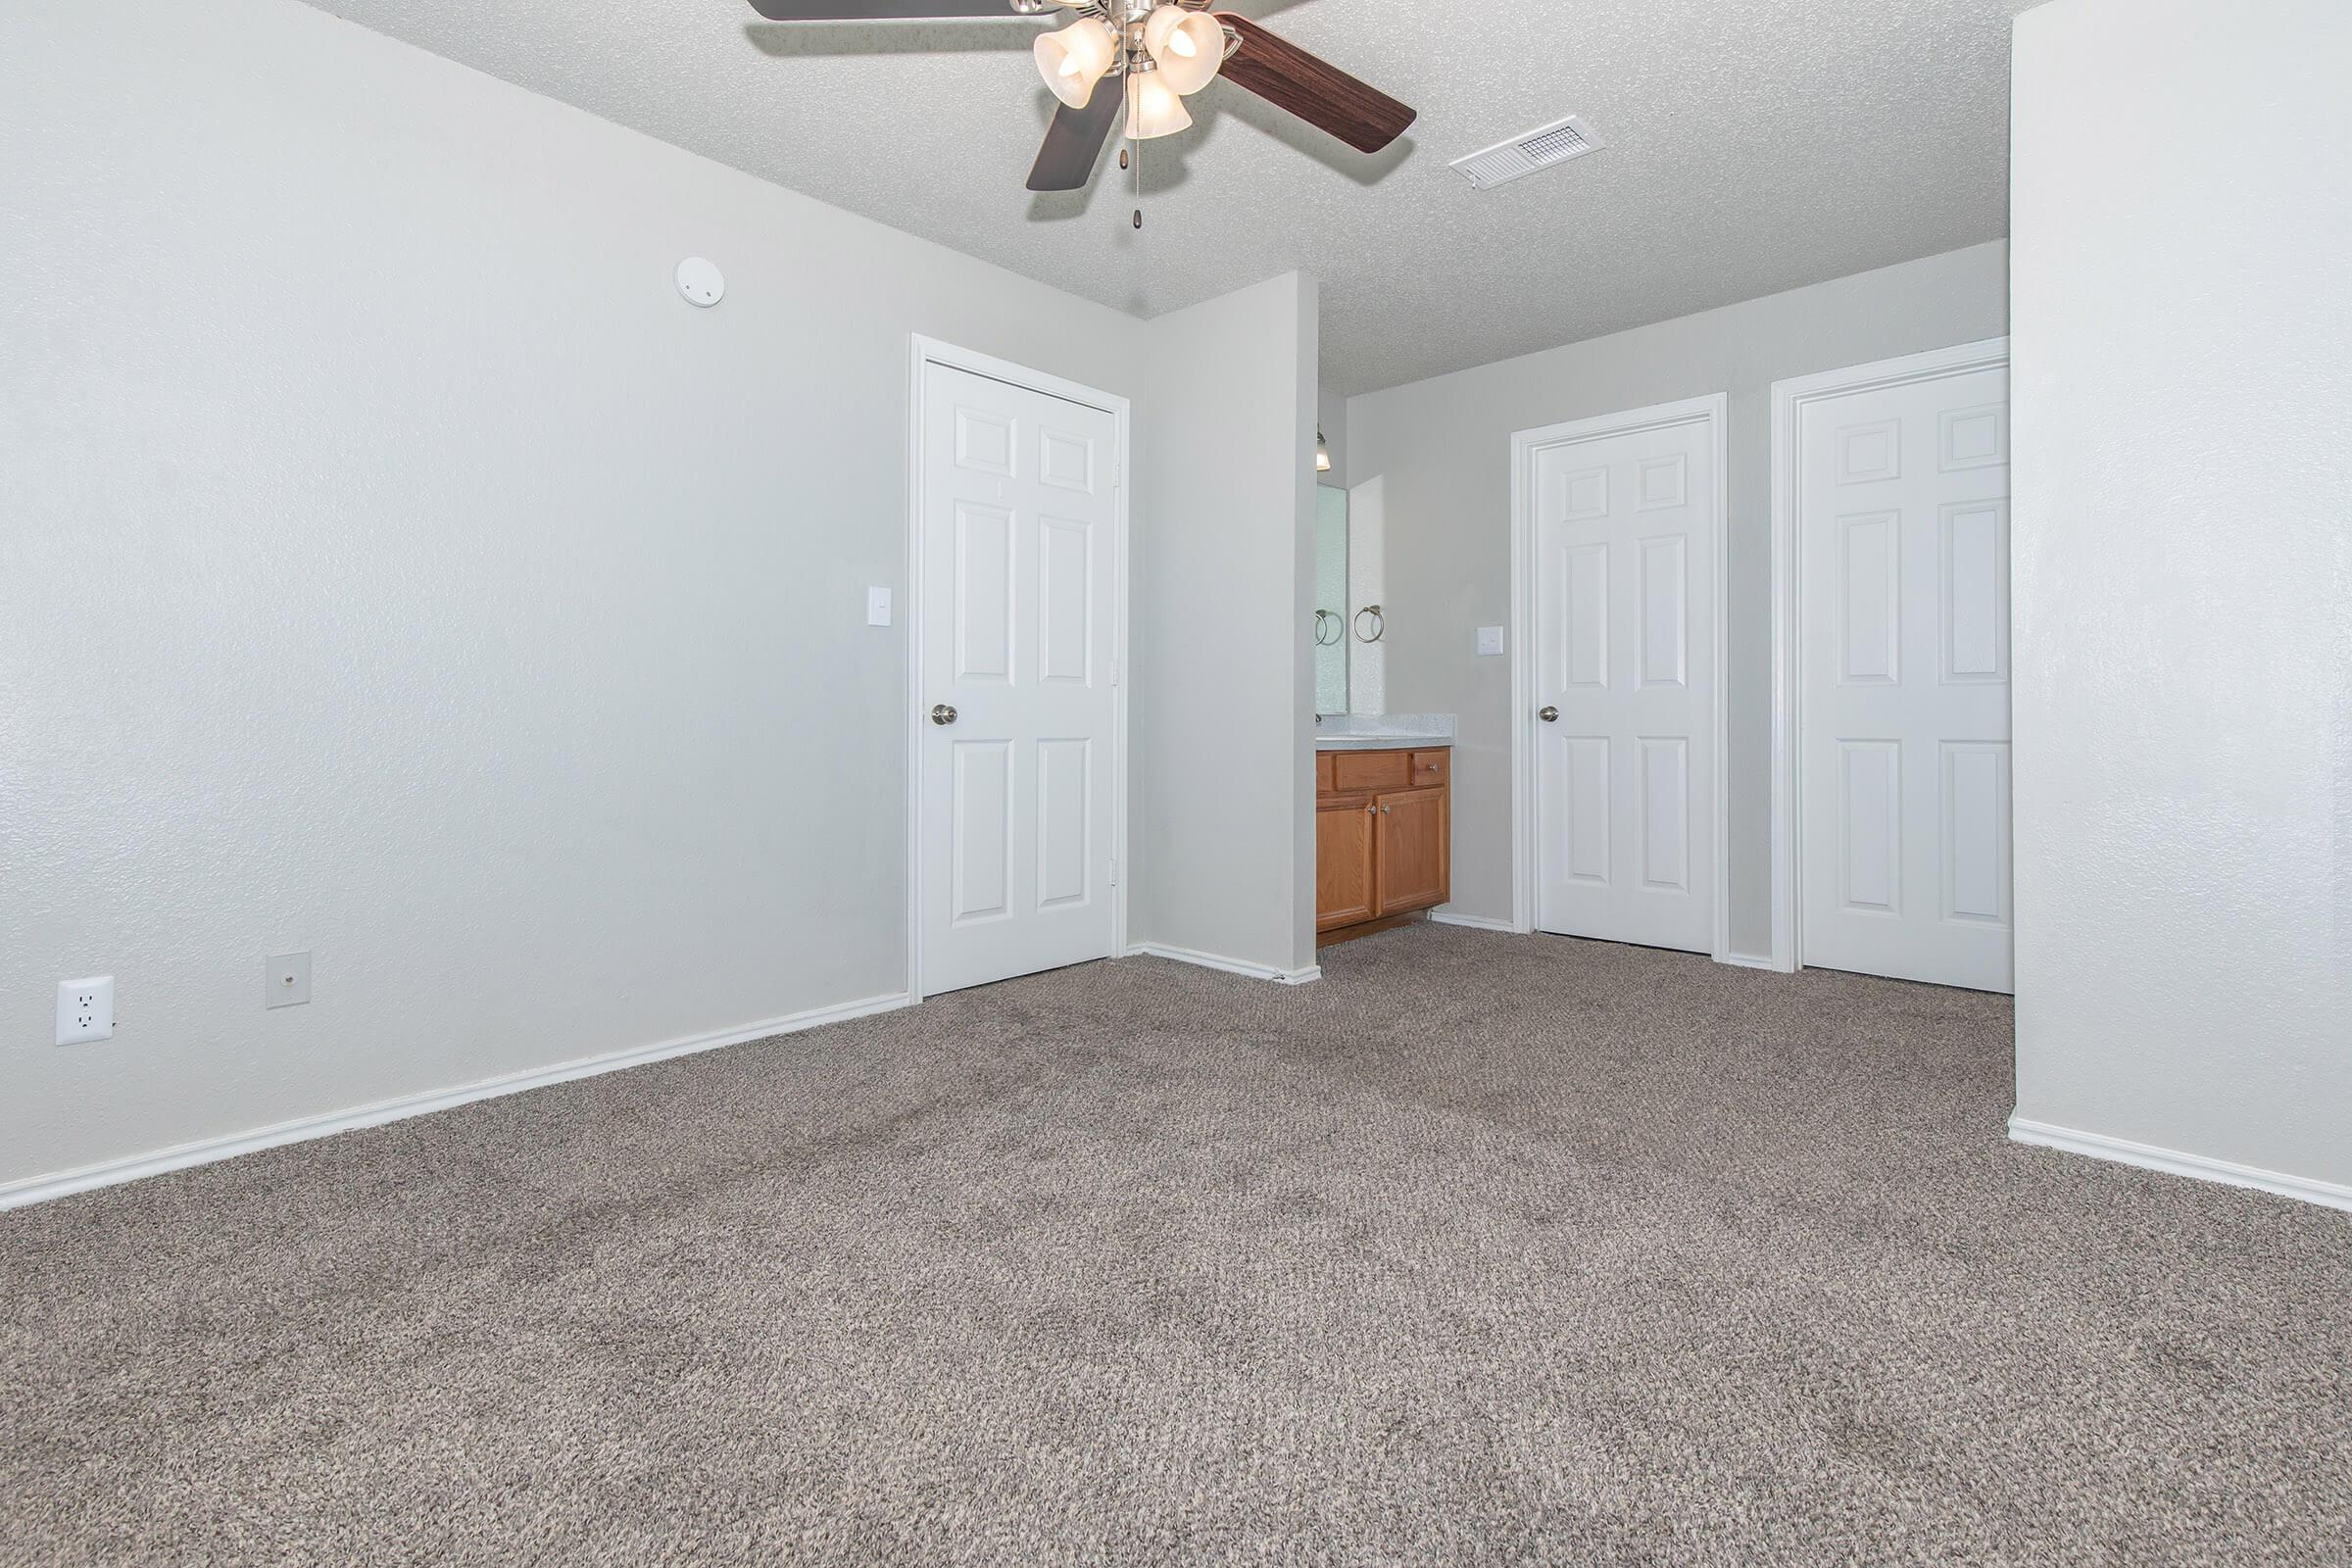 a double door in a room